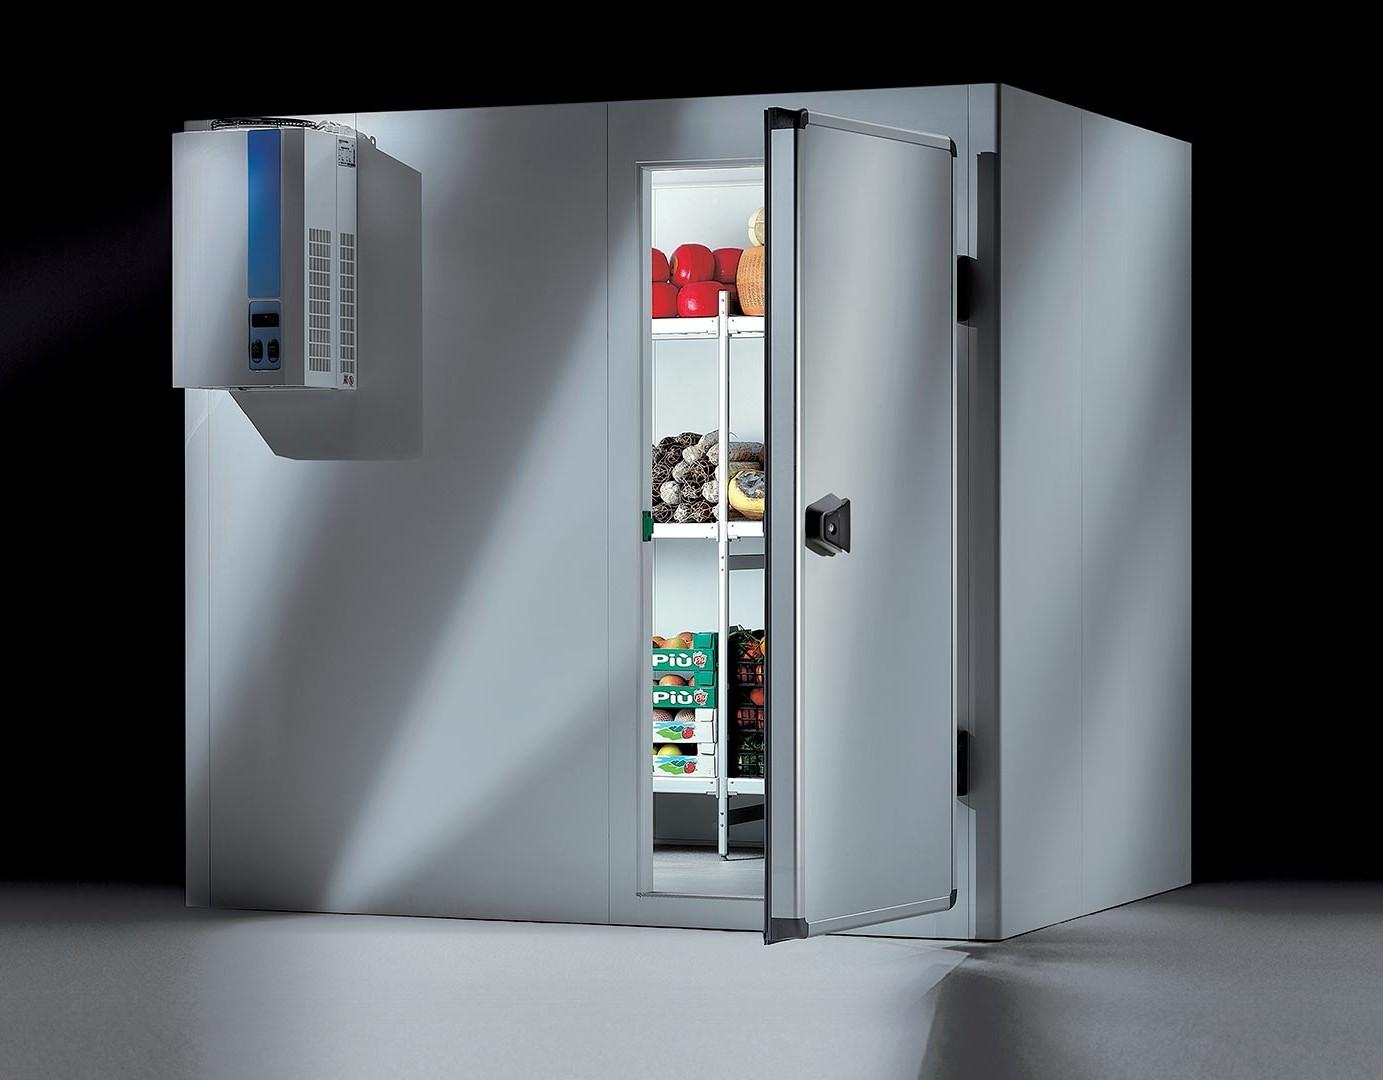 Criocabin Modular Cold Room